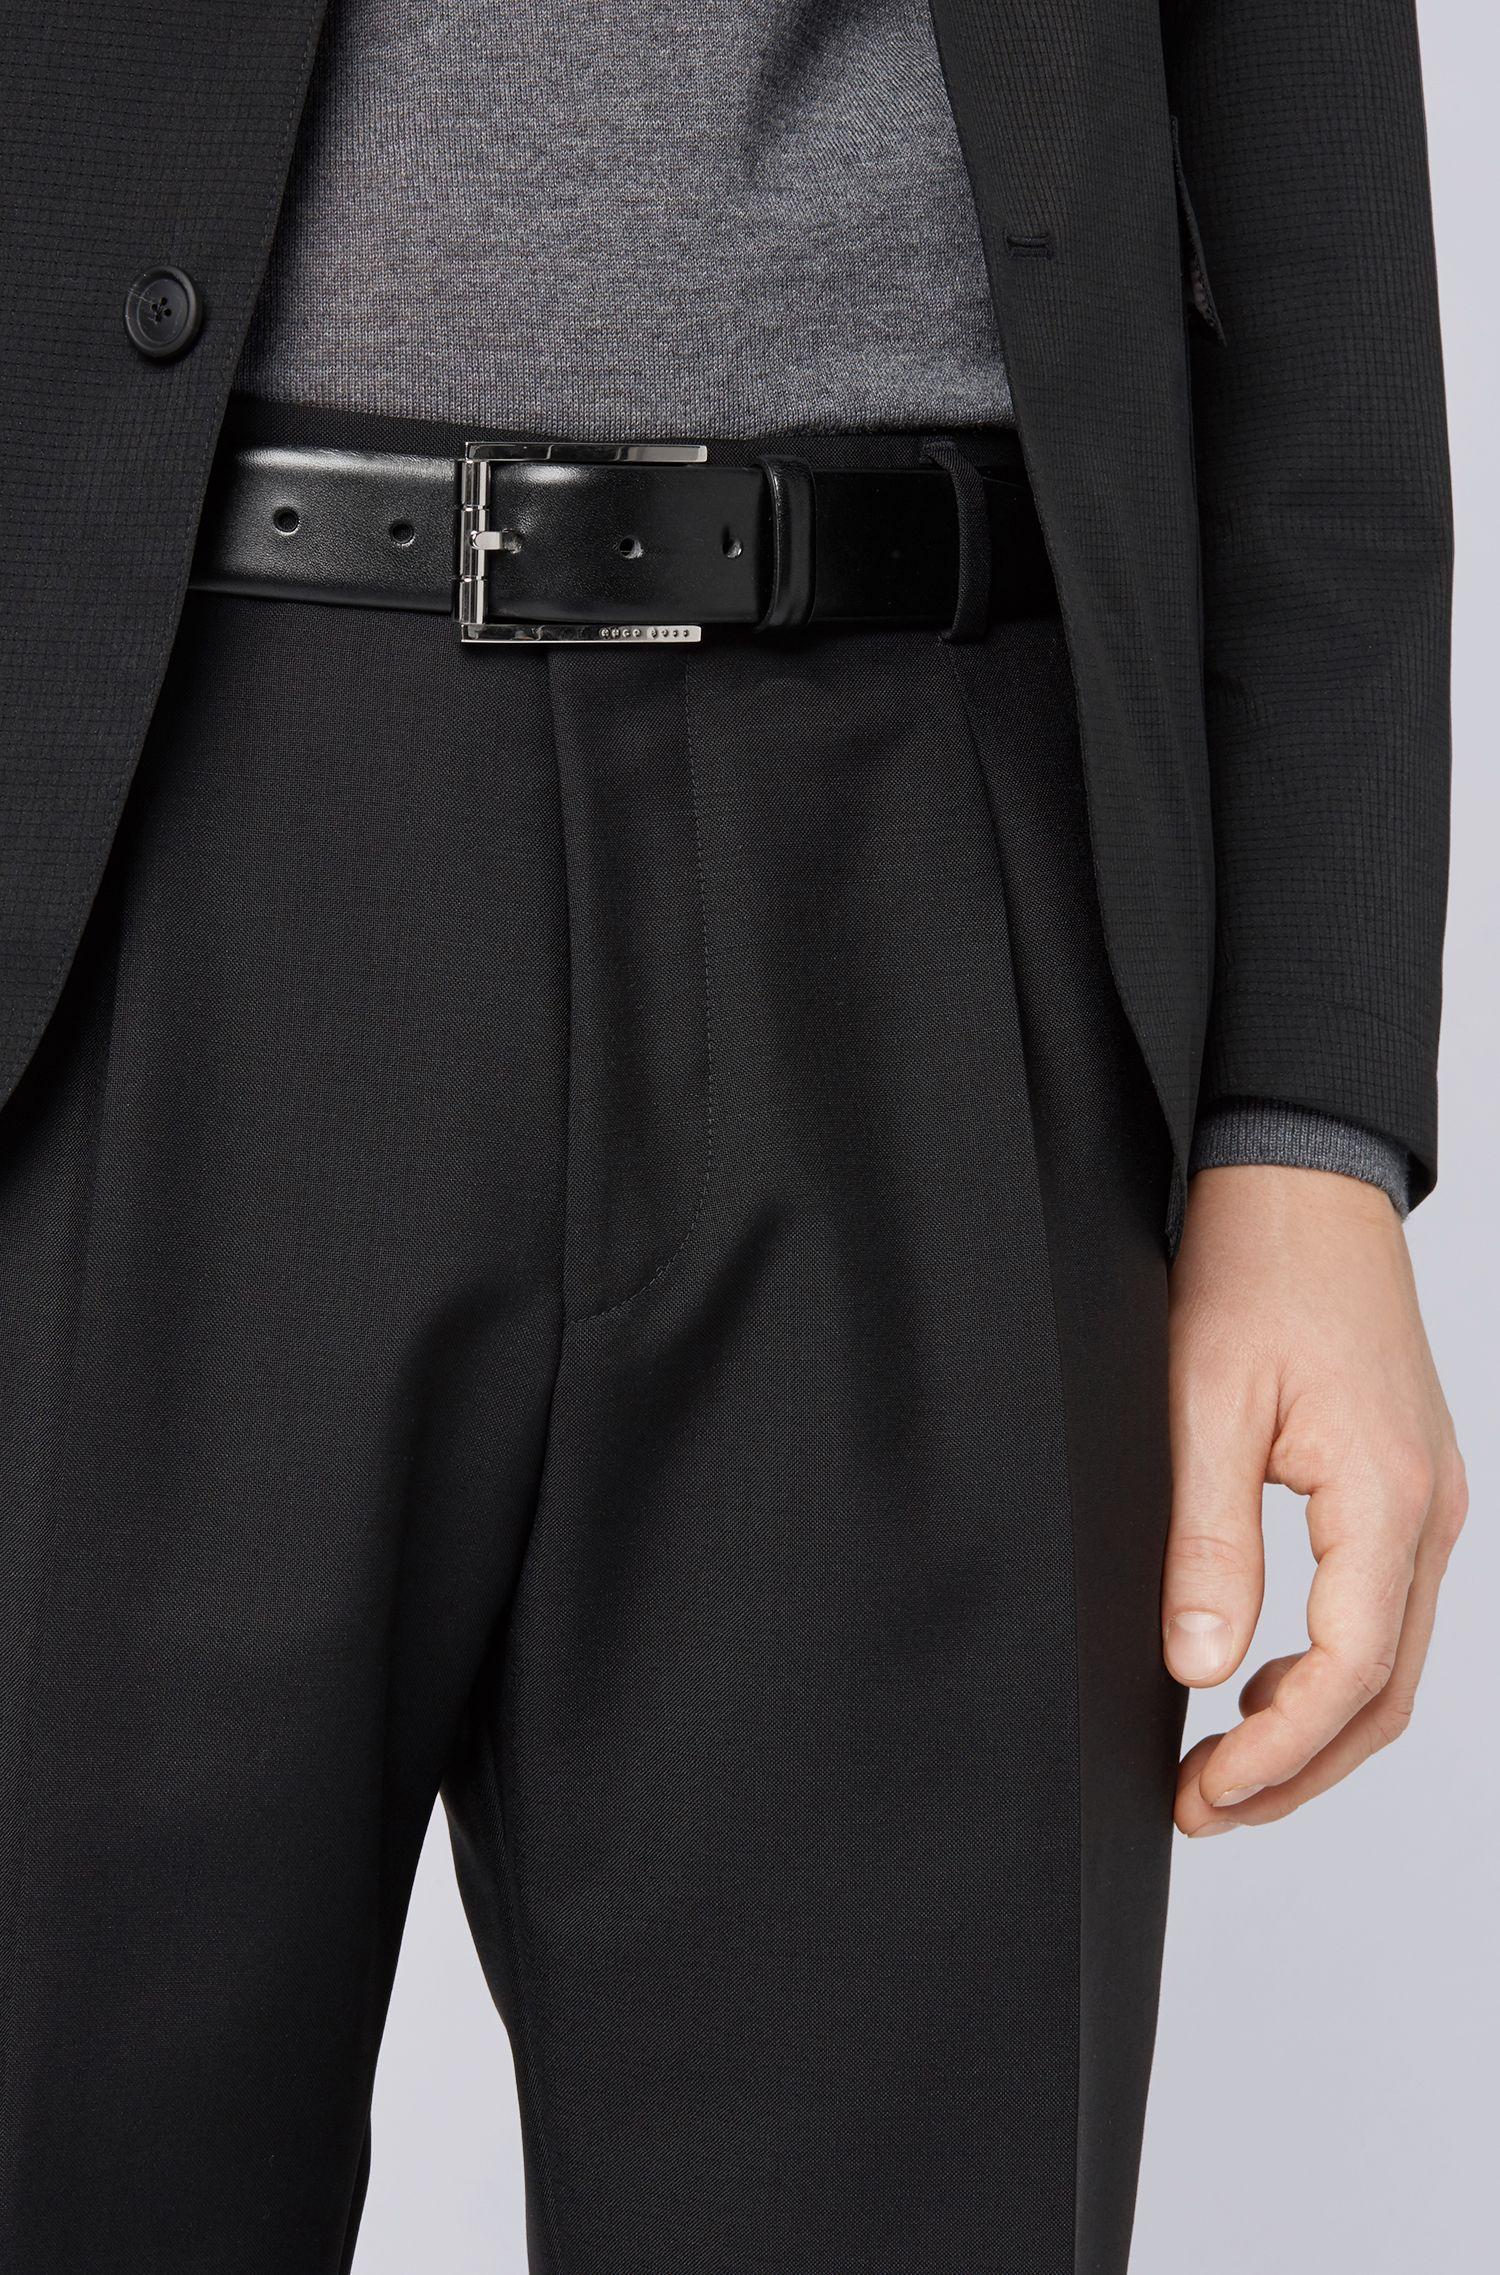 Hugo Boss - Gürtel aus italienischem Leder mit polierter Rollschließe - 4